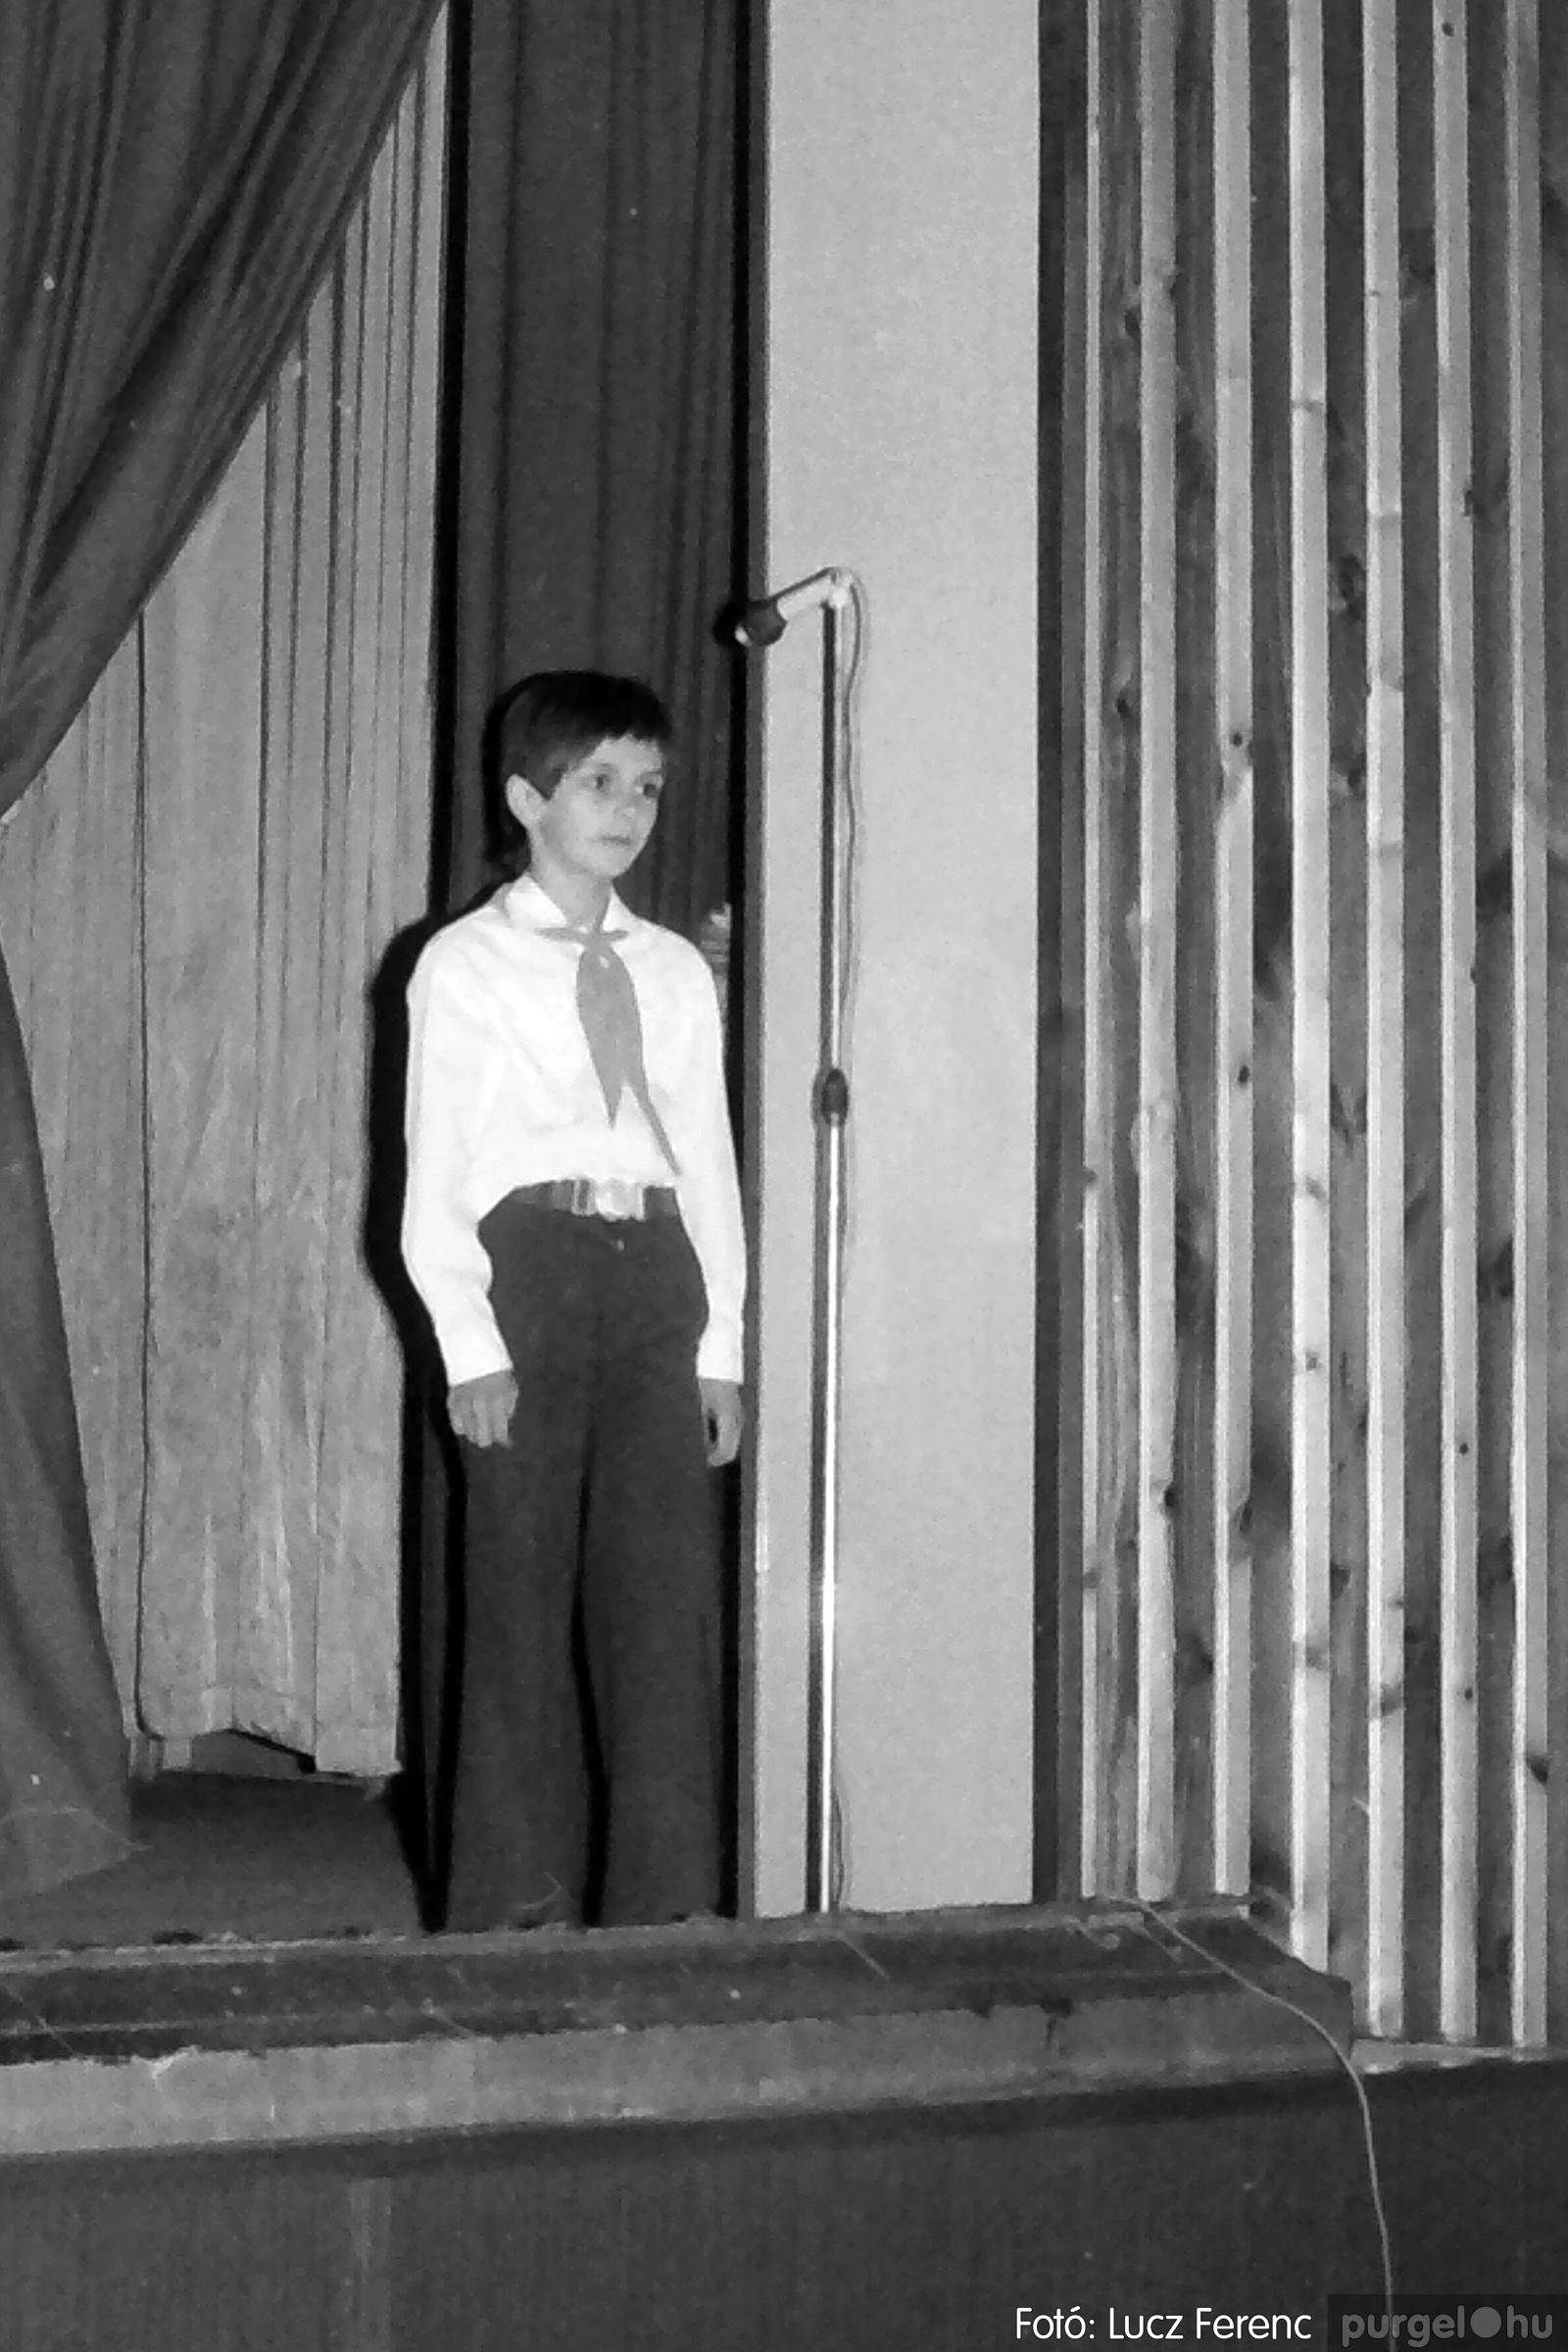 076. 1977. Iskolások fellépése a kultúrházban 018. - Fotó: Lucz Ferenc.jpg